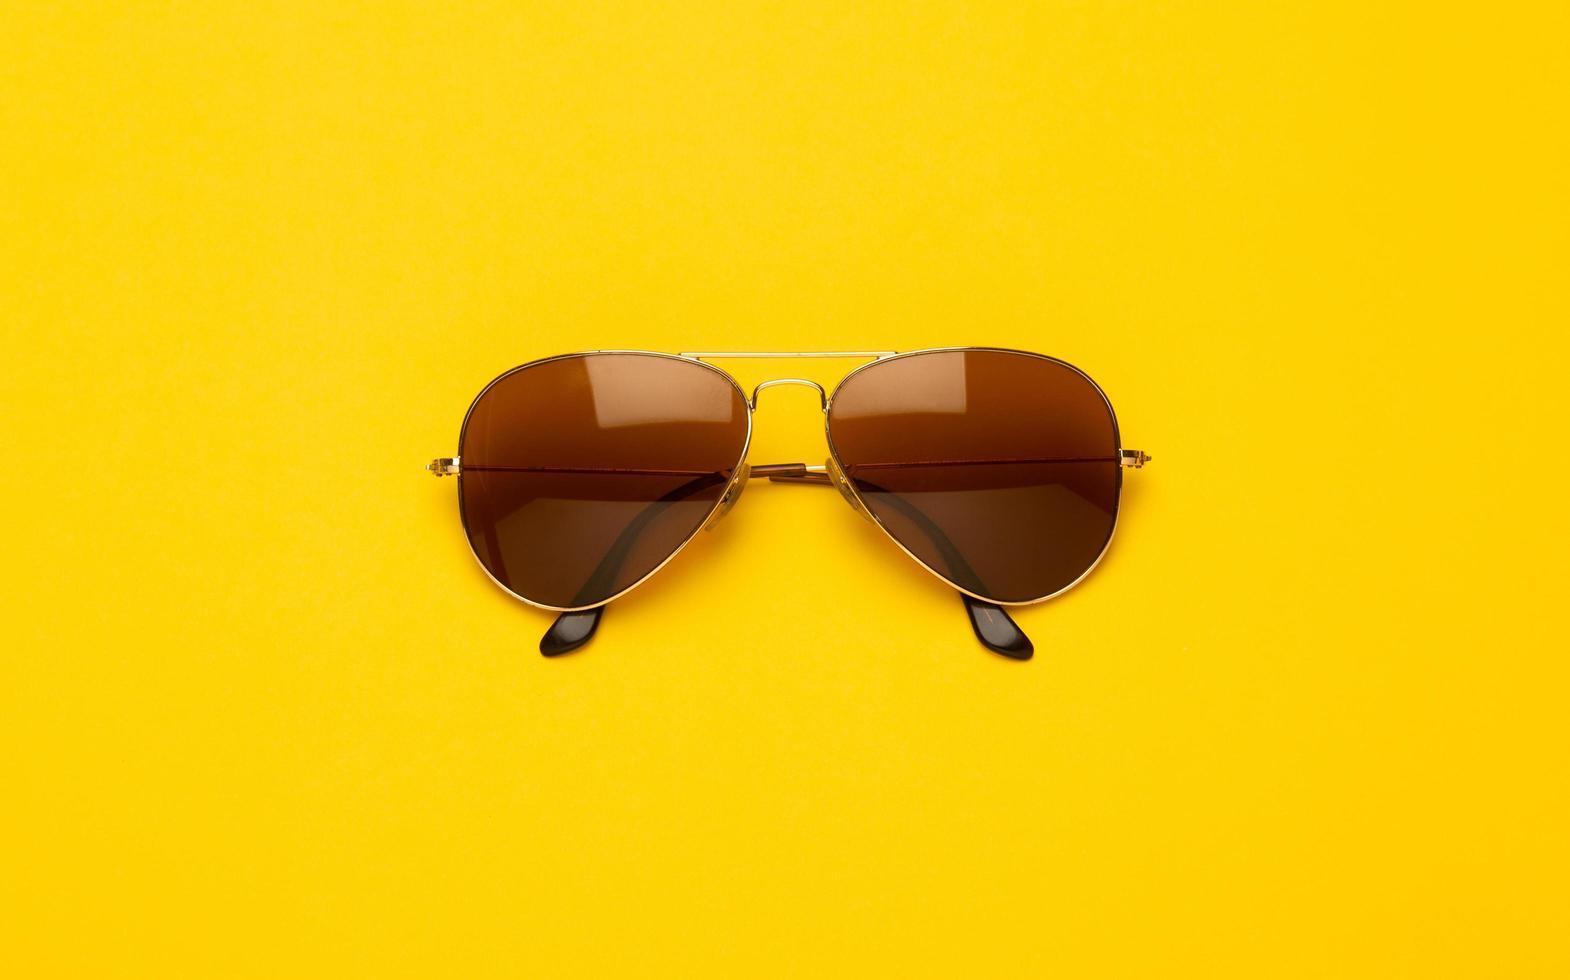 óculos de sol marrons sobre fundo amarelo foto